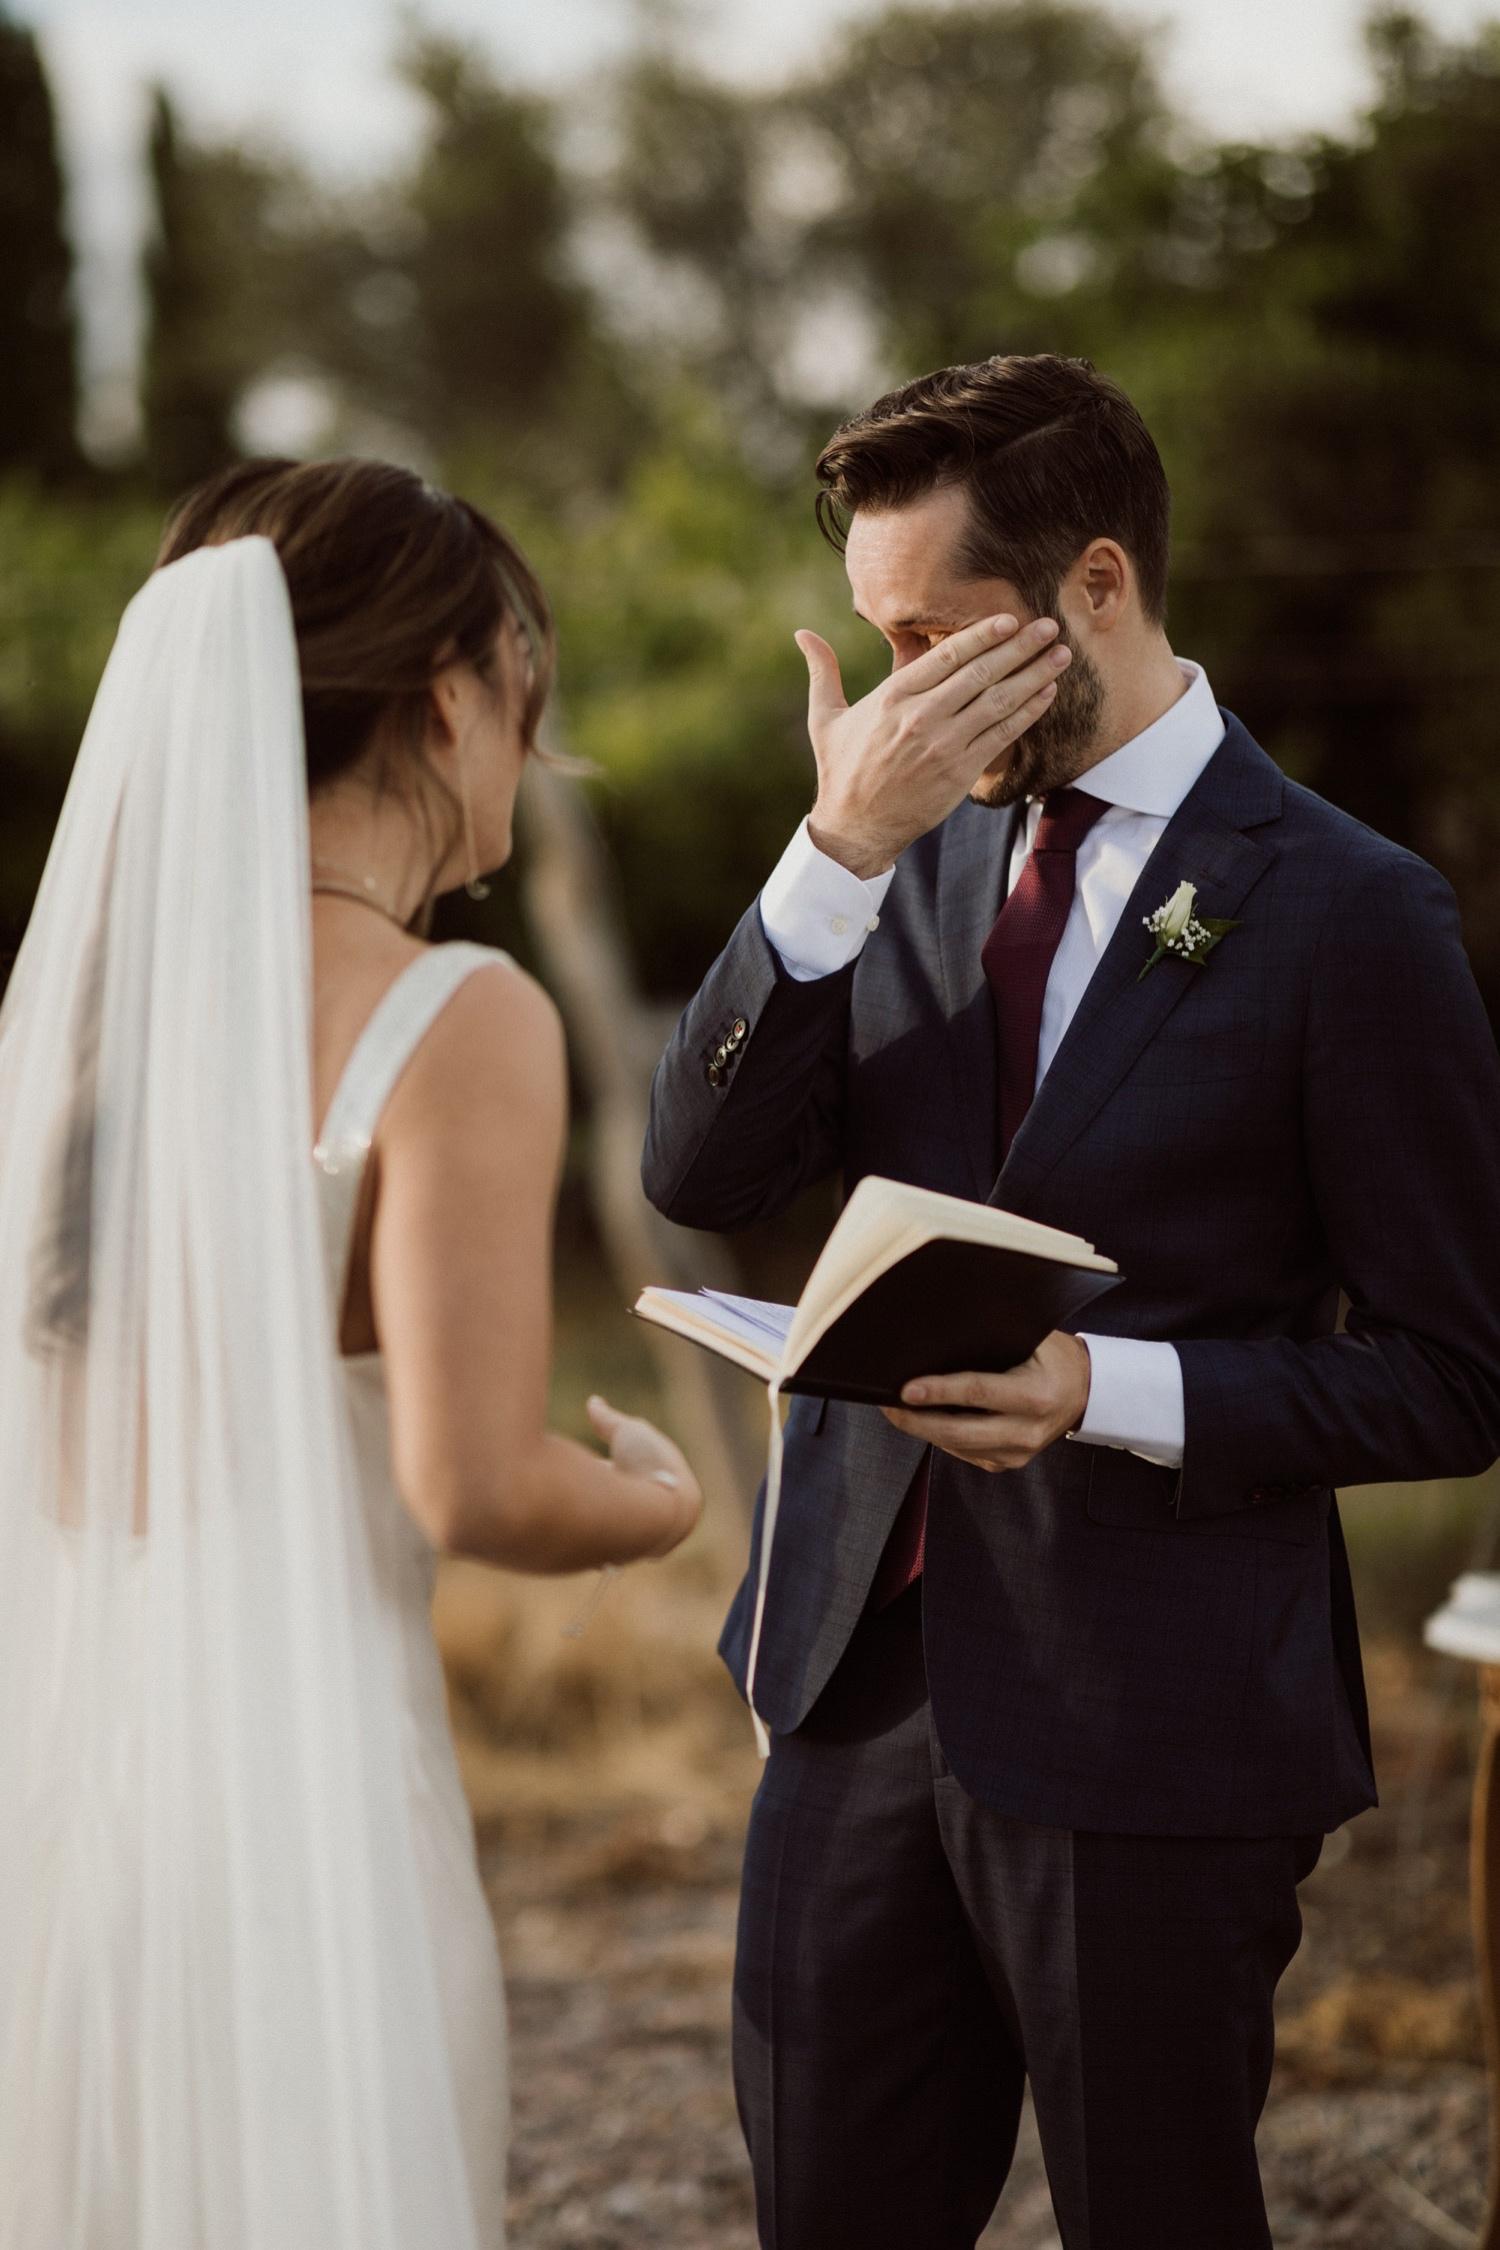 054_at_vows_emotional_wedding.jpg